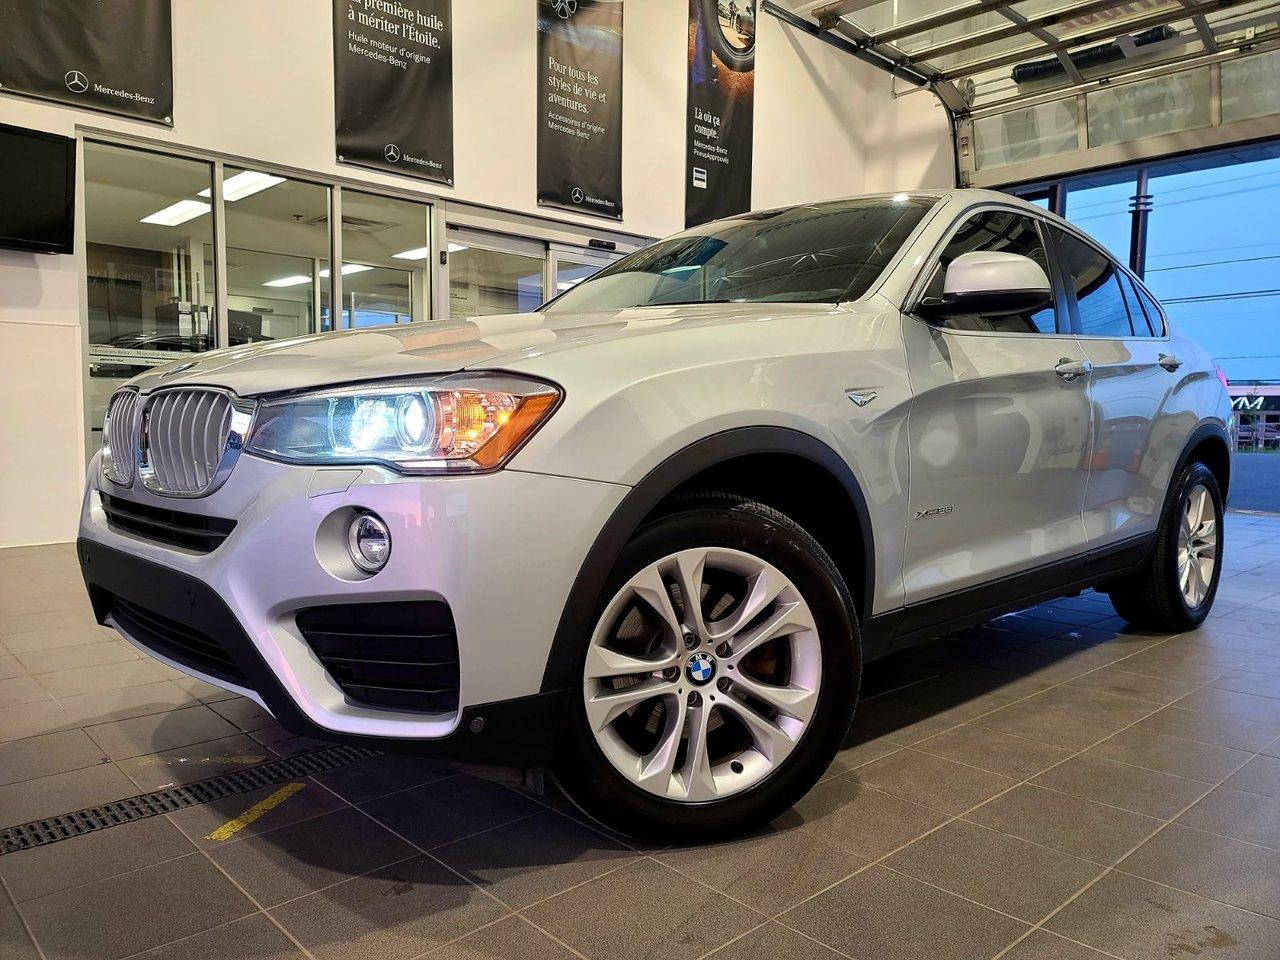 2016 BMW  X4 - $576.89/Mois 72M 0$ Comptant!